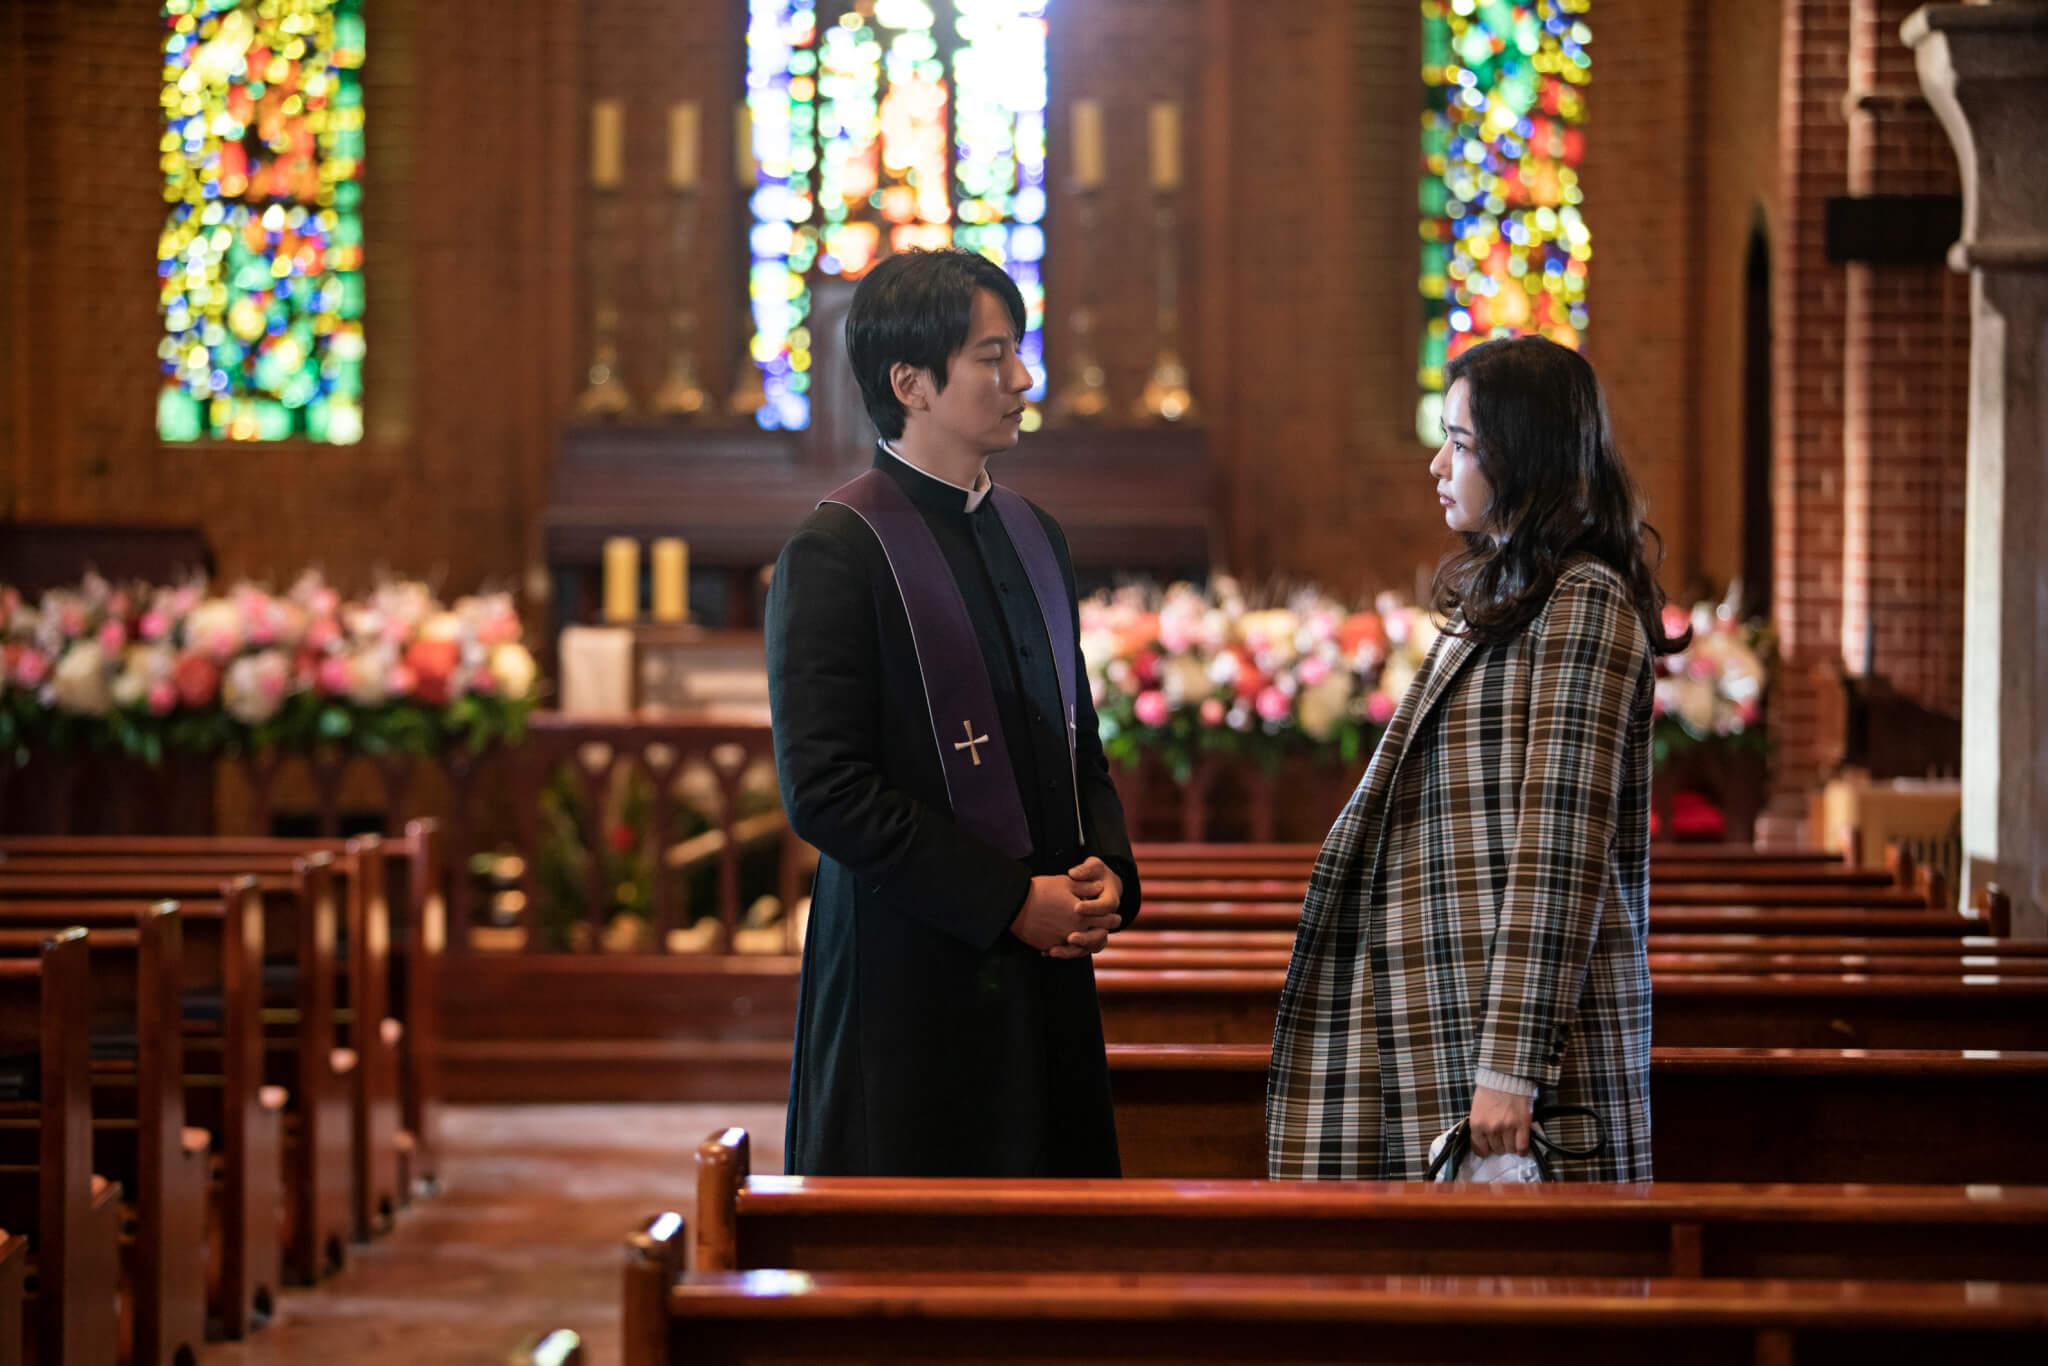 《熱血祭司》由金南佶、金成均和李荷妮主演,當中有不少動作戲。